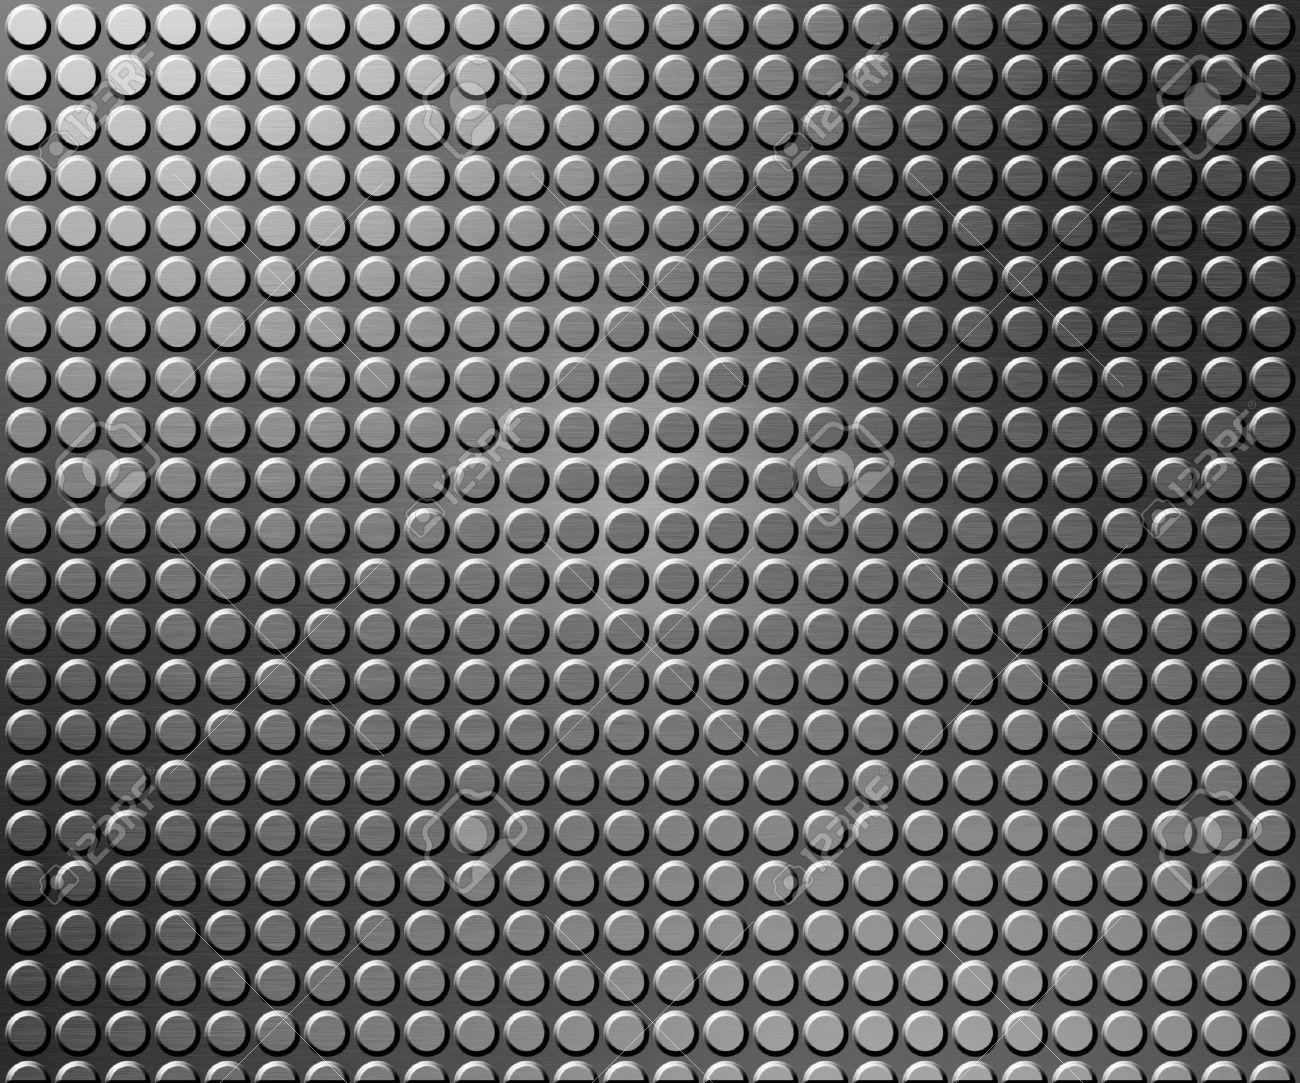 metal grid pattern texture1